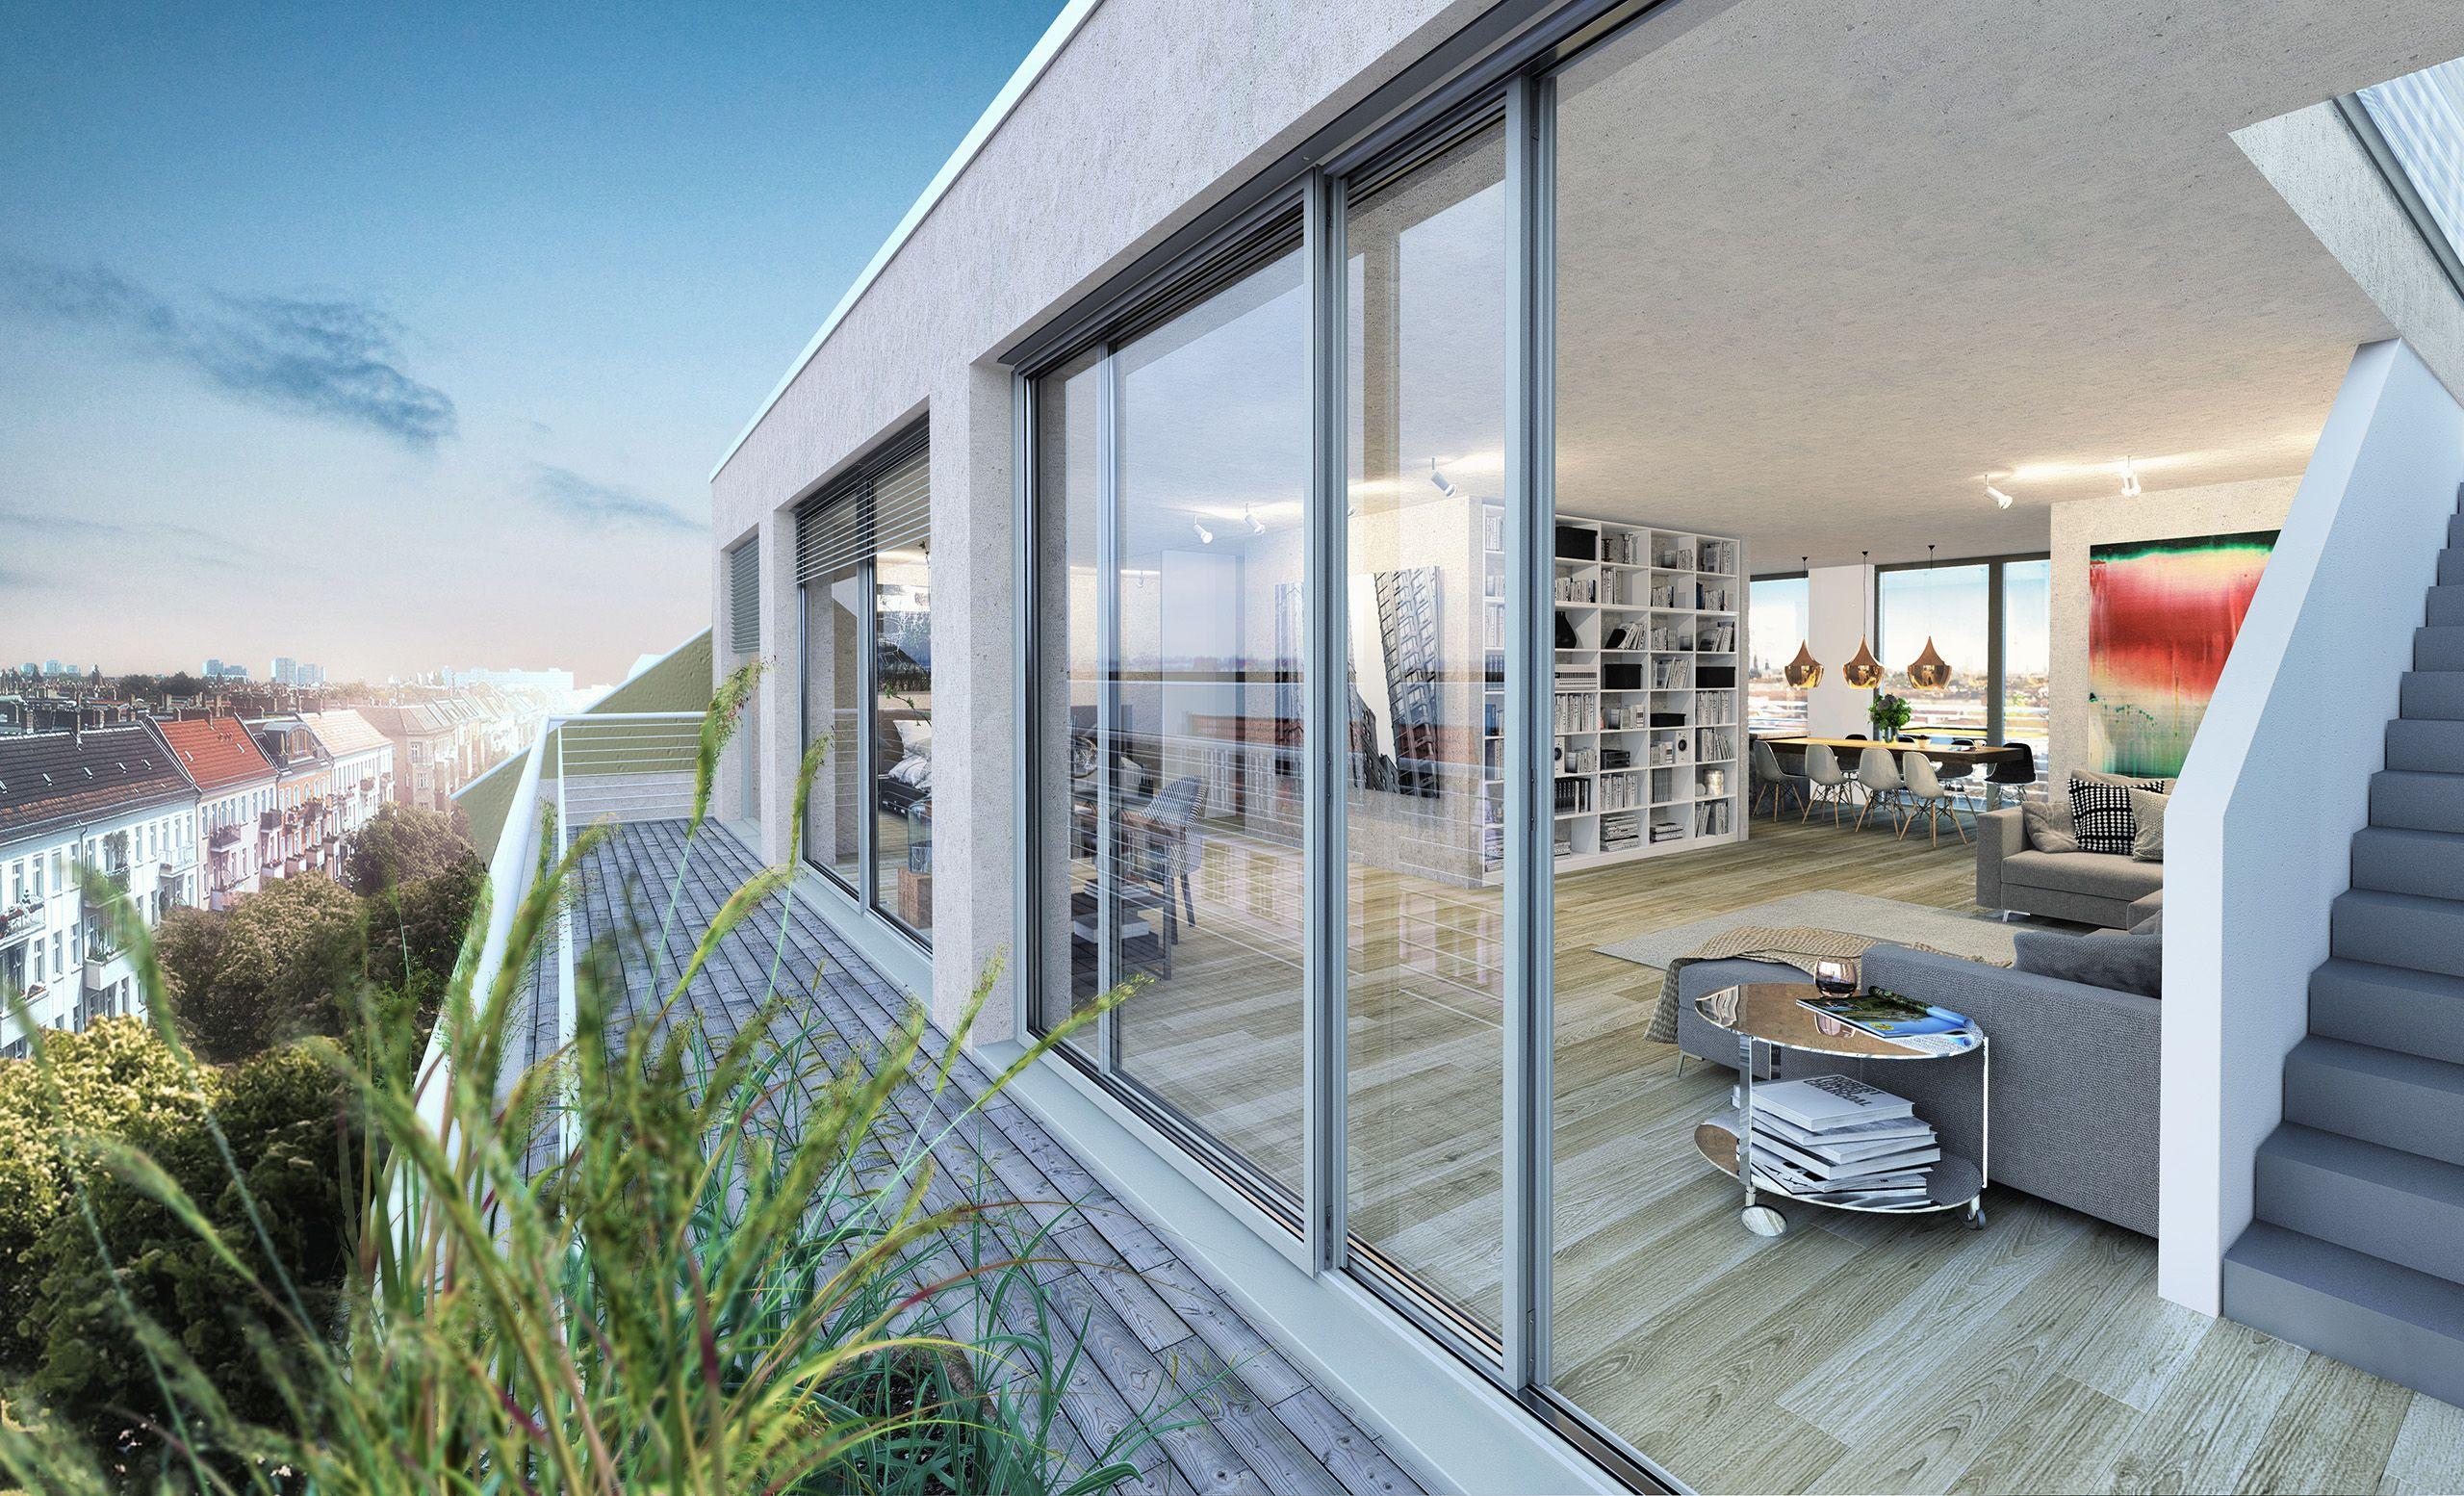 Architekturvisualisierung Berlin berlin loft rooftop render manufaktur architektur